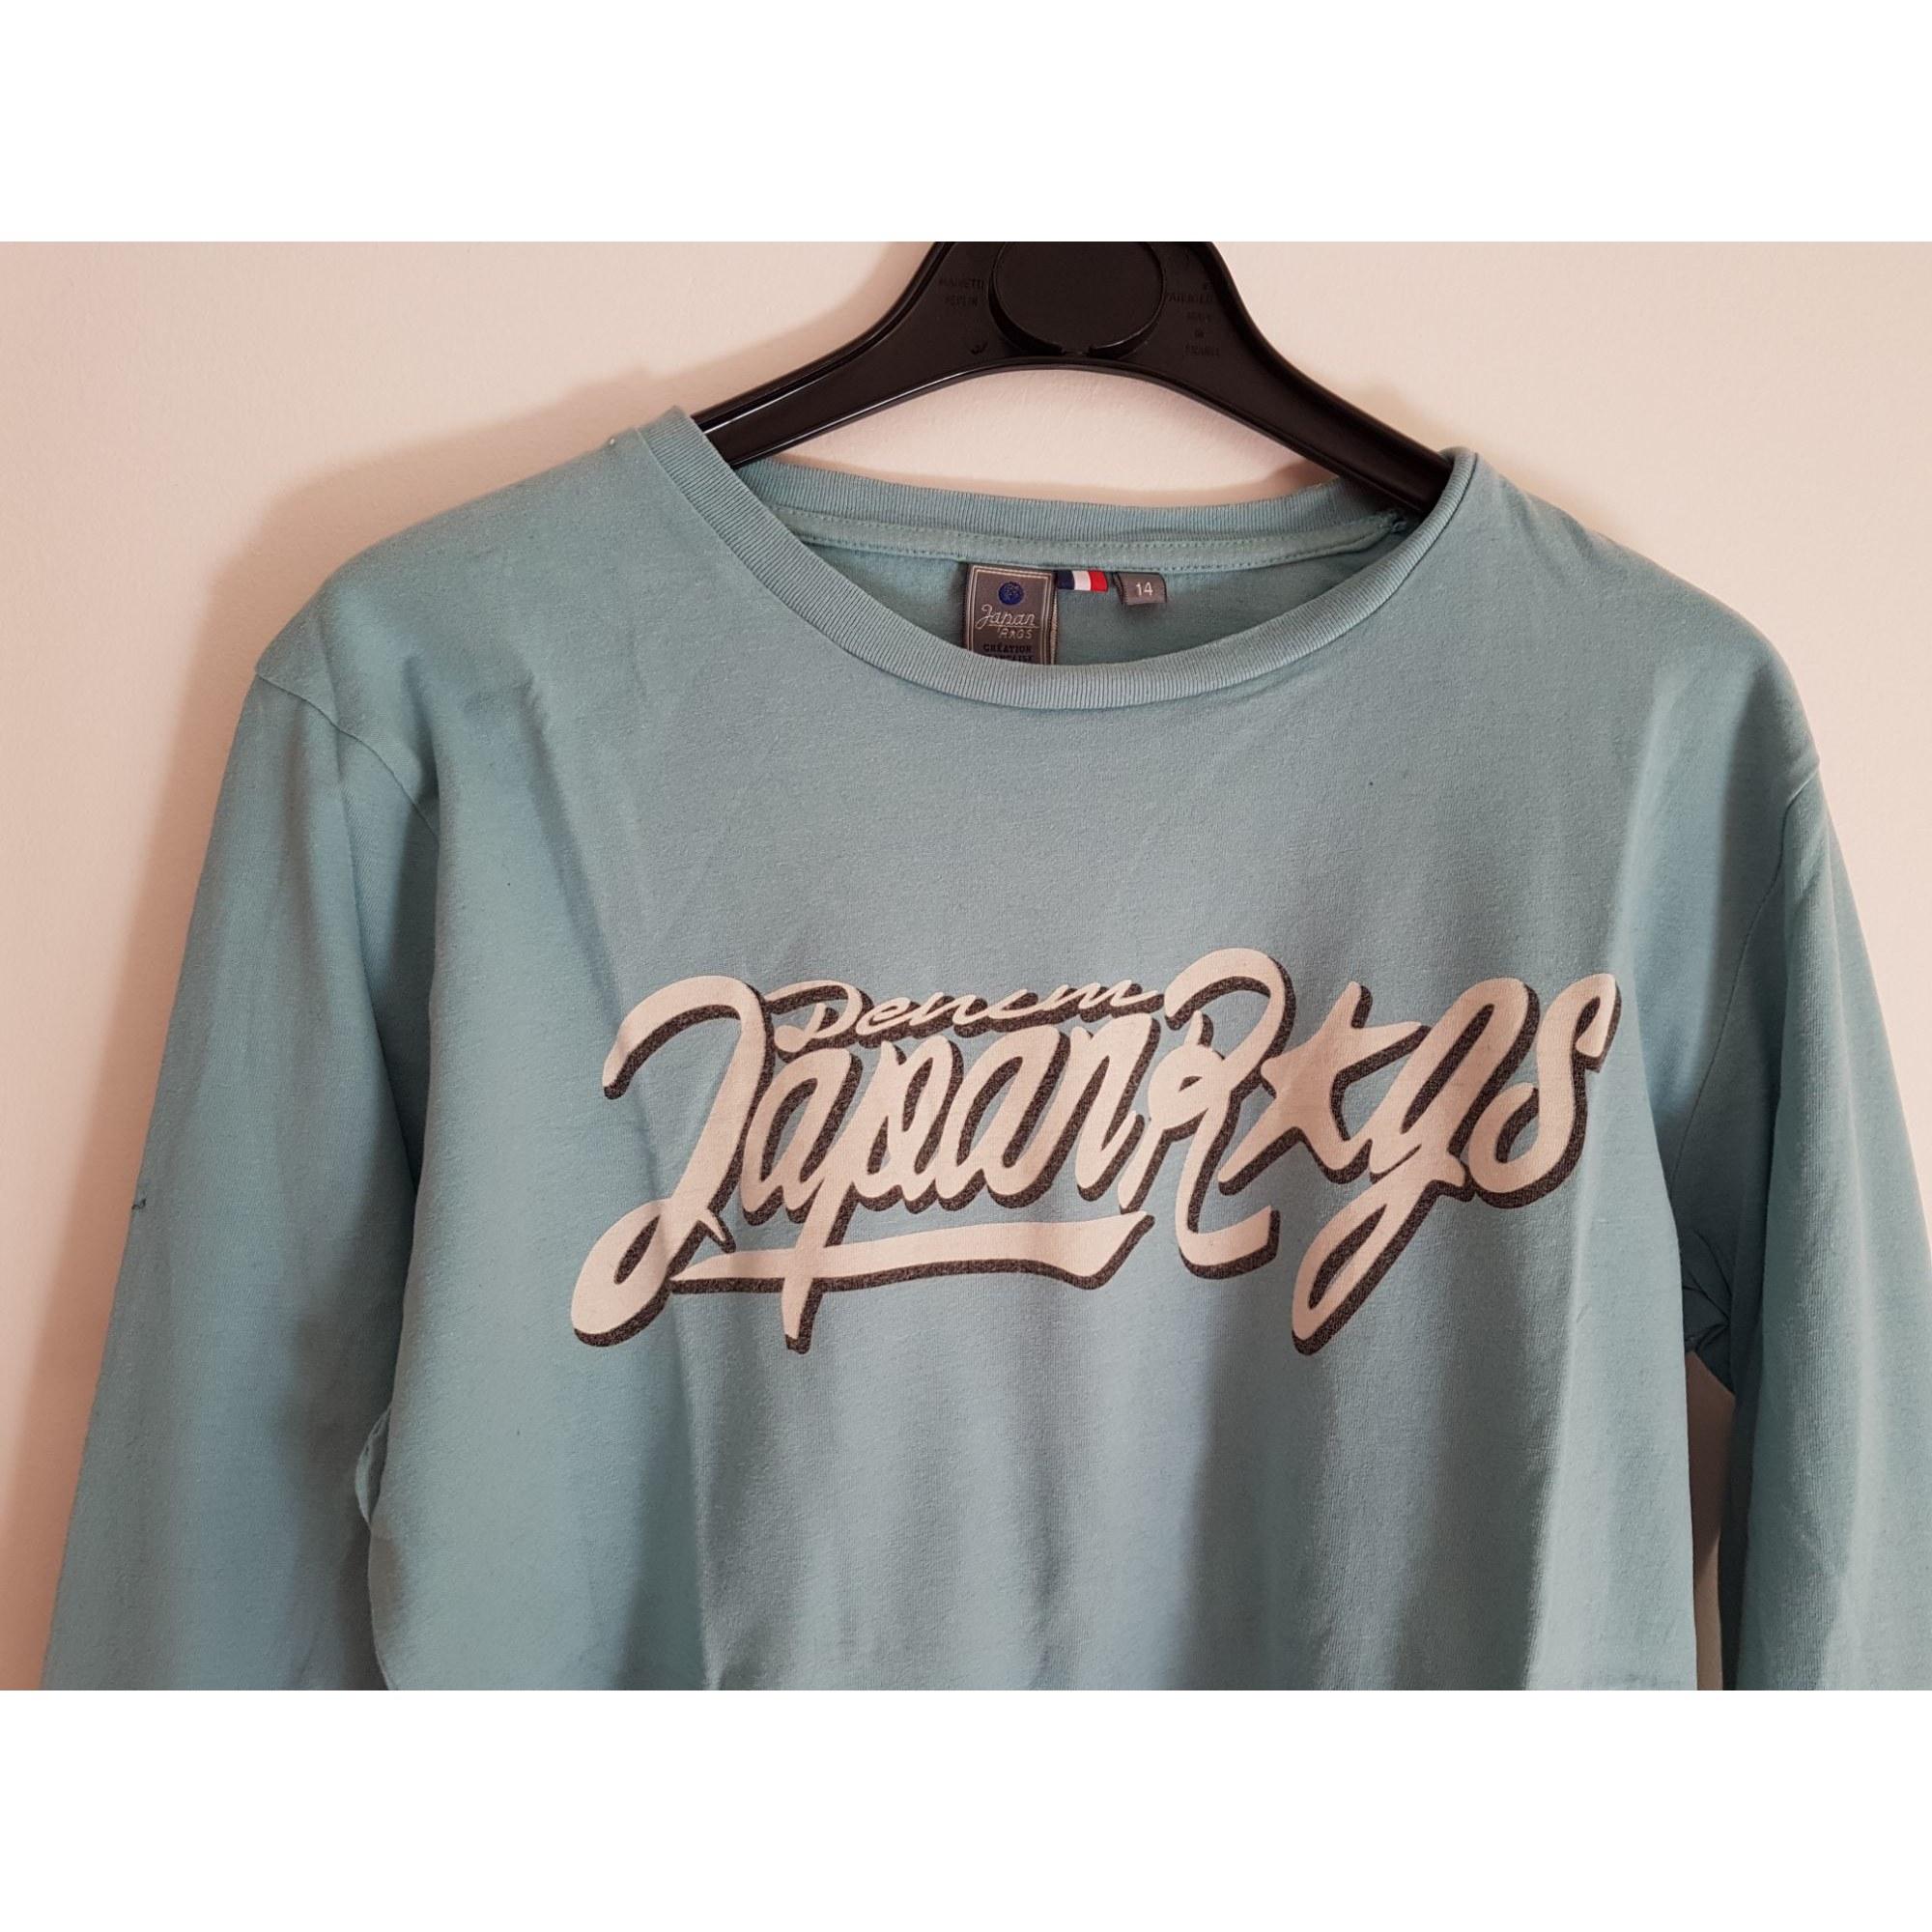 fcc138dce8b31 Tee-shirt JAPAN RAGS 13-14 ans bleu vendu par Vdveronique77 - 7996437